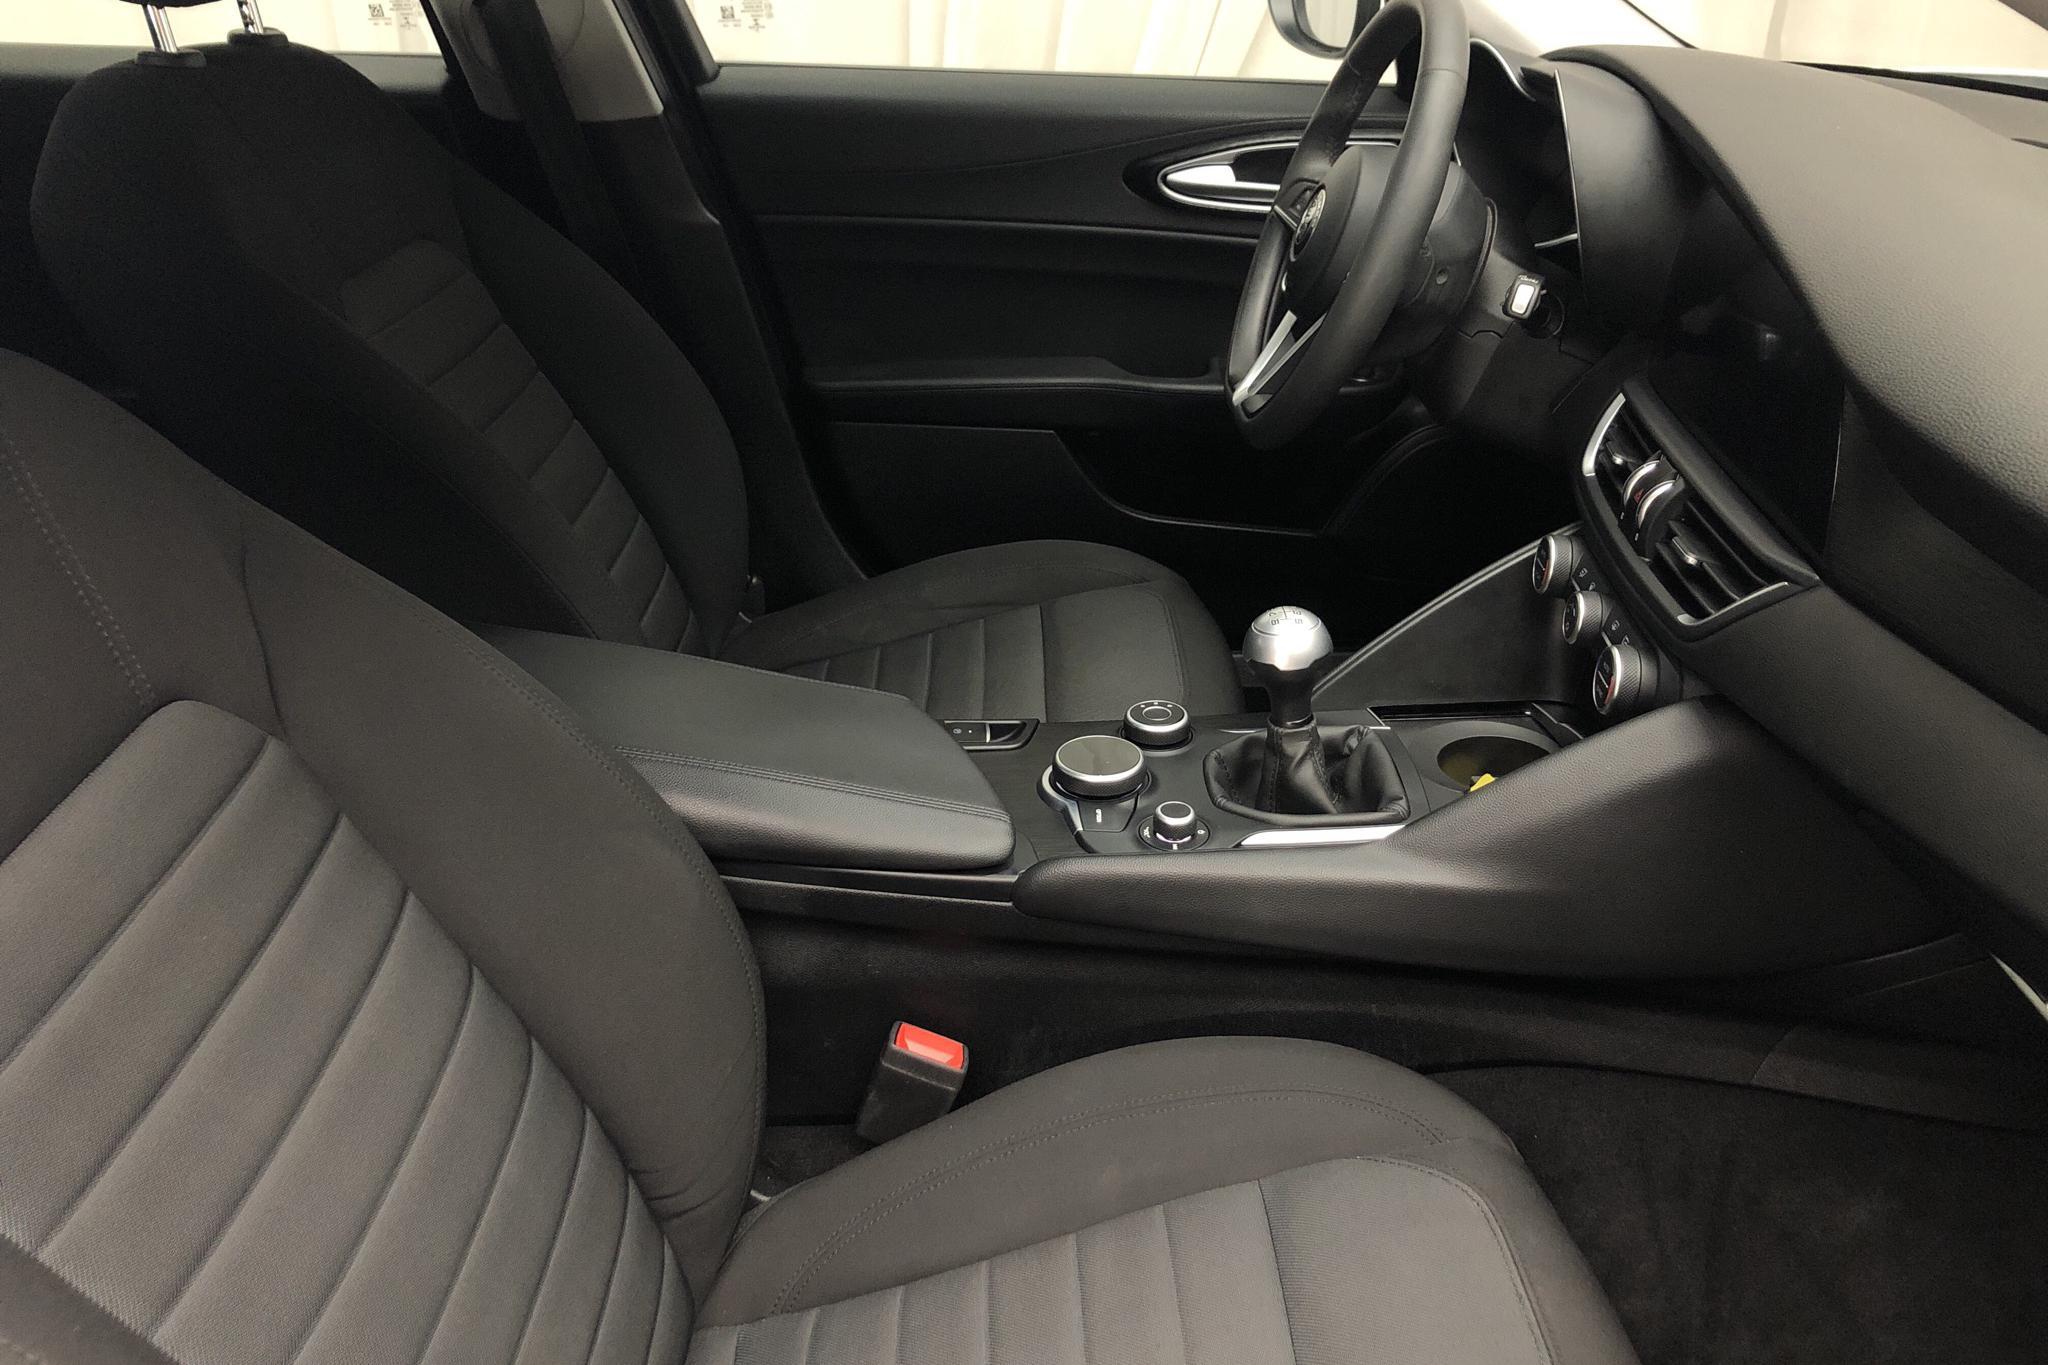 Alfa Romeo Giulia 2.2 JTDM (150hk) - 6 950 mil - Manuell - vit - 2017